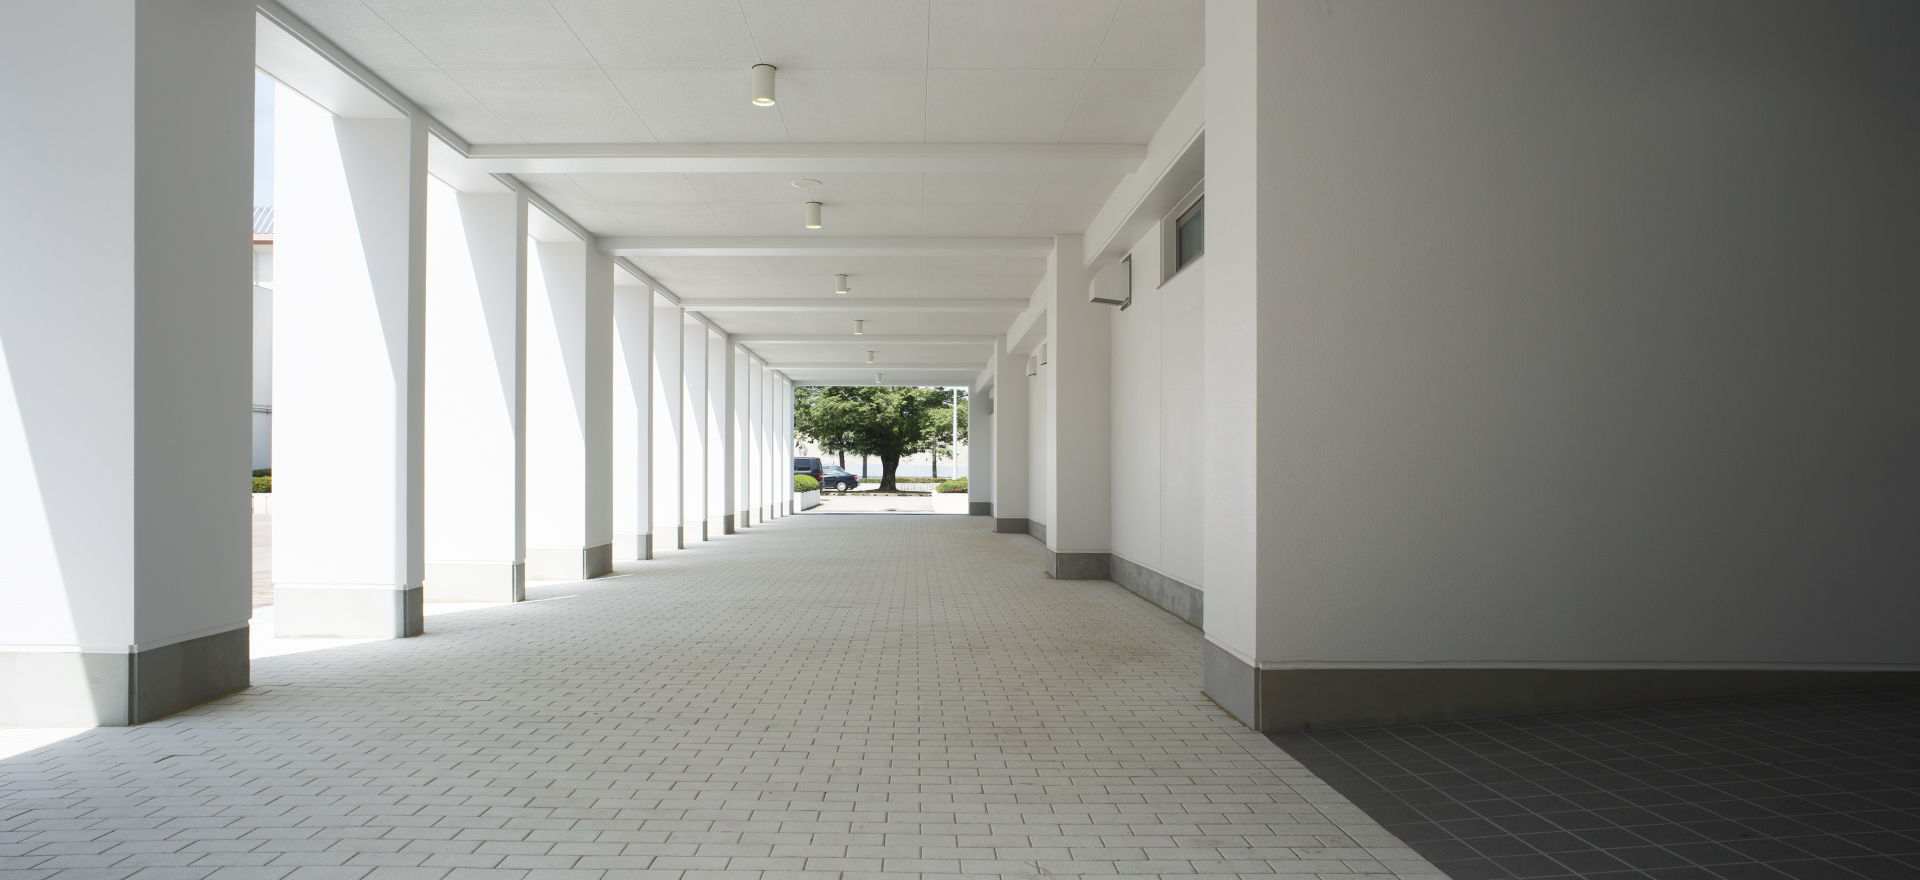 古河中等教育学校多目的教室棟